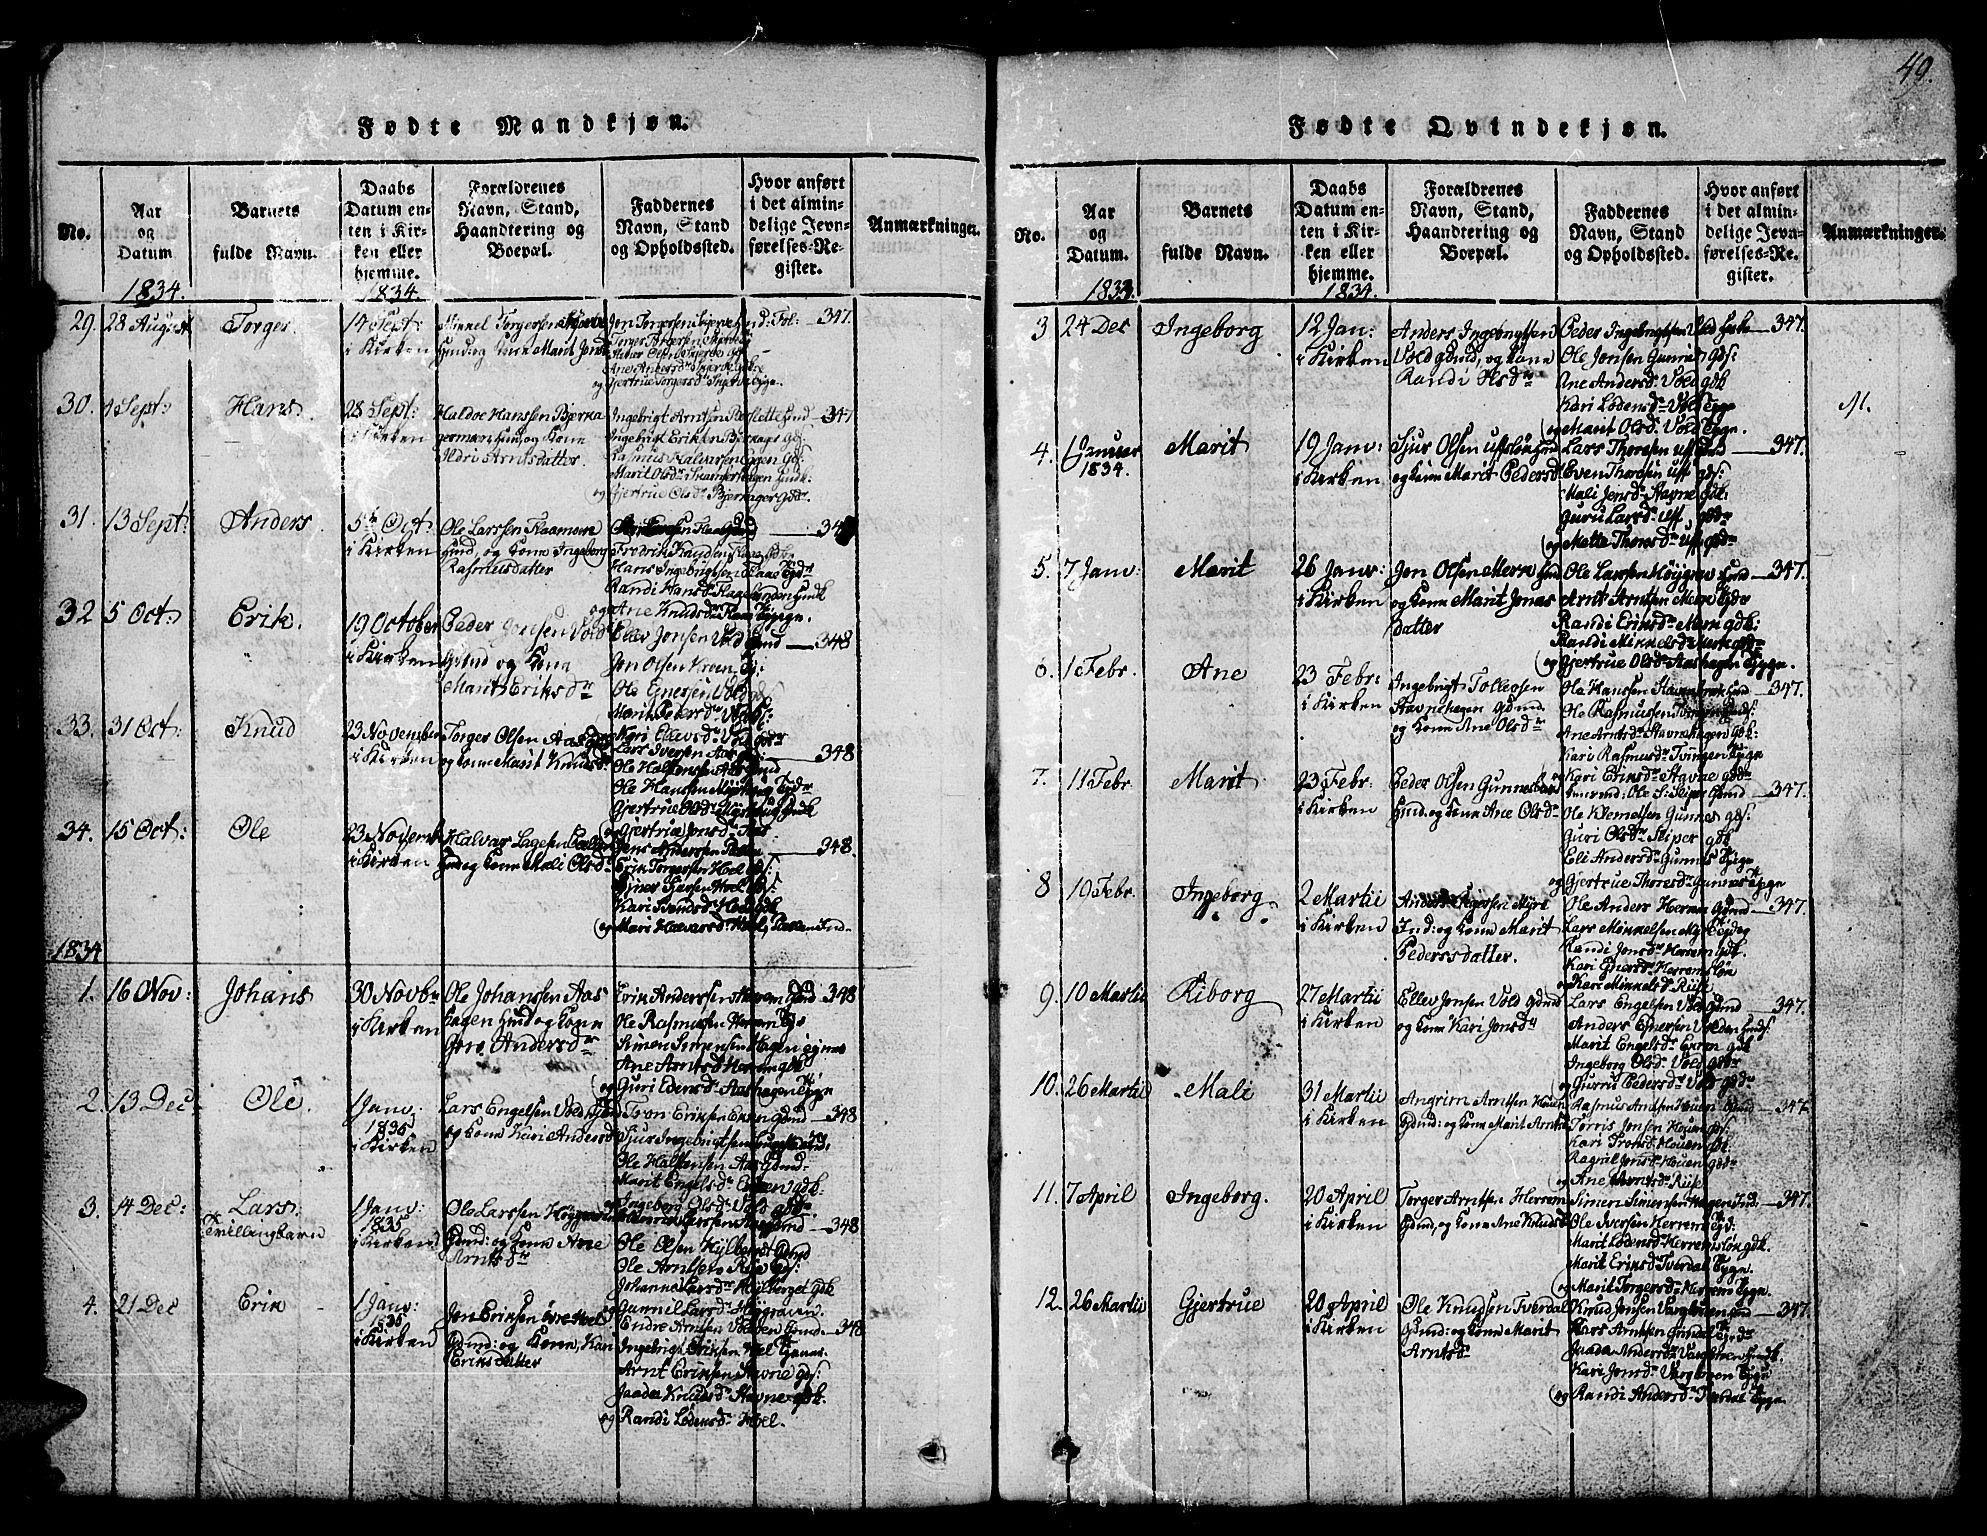 SAT, Ministerialprotokoller, klokkerbøker og fødselsregistre - Sør-Trøndelag, 674/L0874: Klokkerbok nr. 674C01, 1816-1860, s. 49